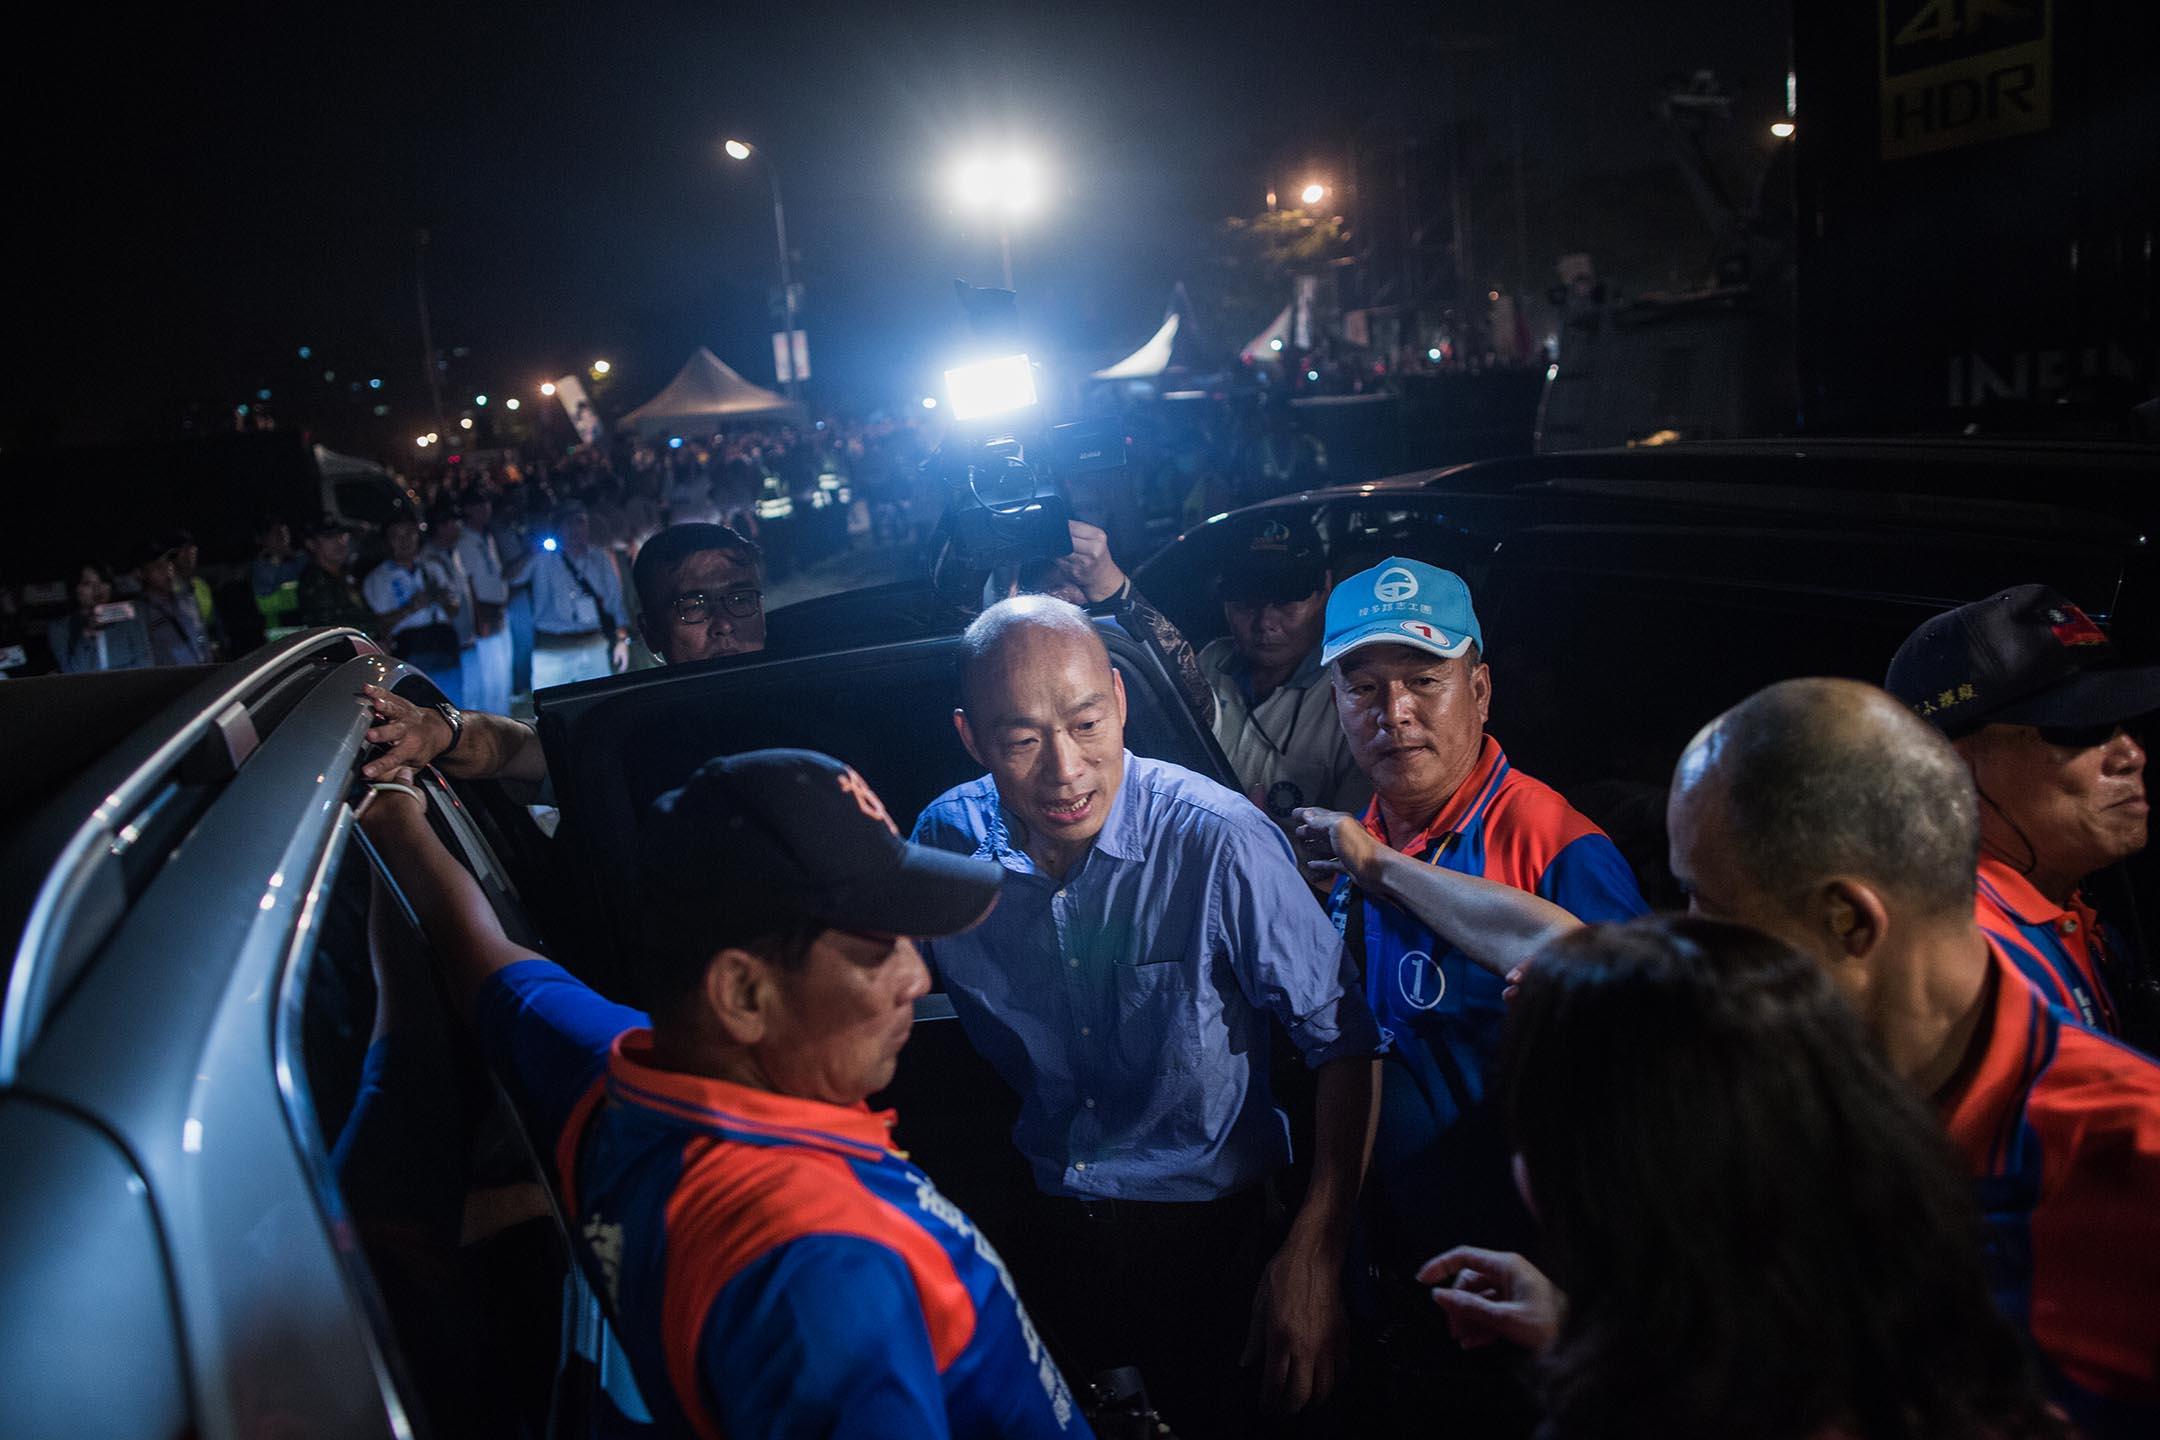 2018年11月17日 , 韓國瑜在高雄市鳯山的造勢晚會後離開。 攝:陳焯煇/端傳媒